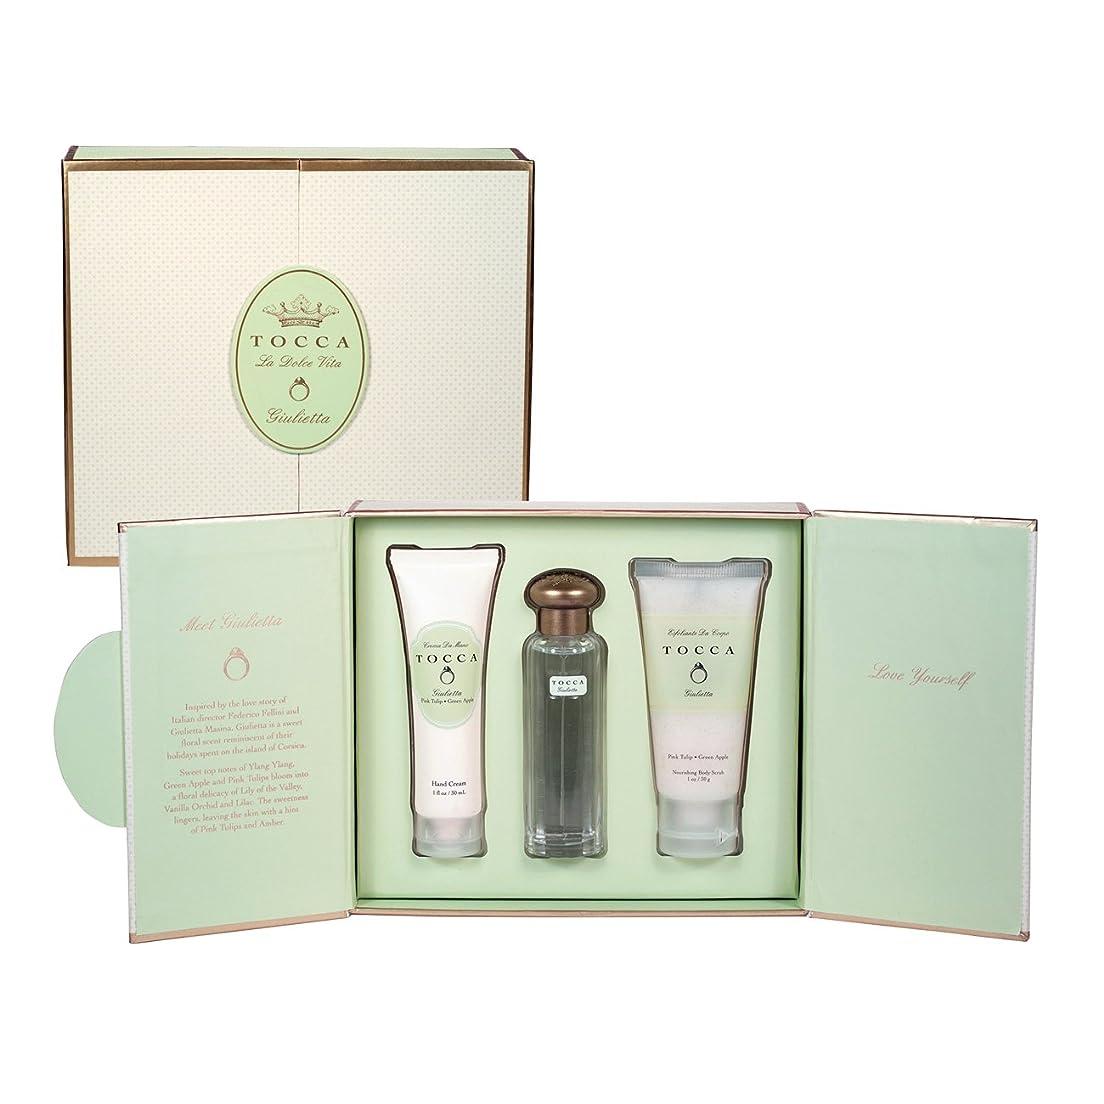 一族パニック名詞トッカ(TOCCA) ドルチェヴィータコレクション ジュリエッタの香り (香水20ml、ハンドクリーム30ml、ボディーケアスクラブ30ml)